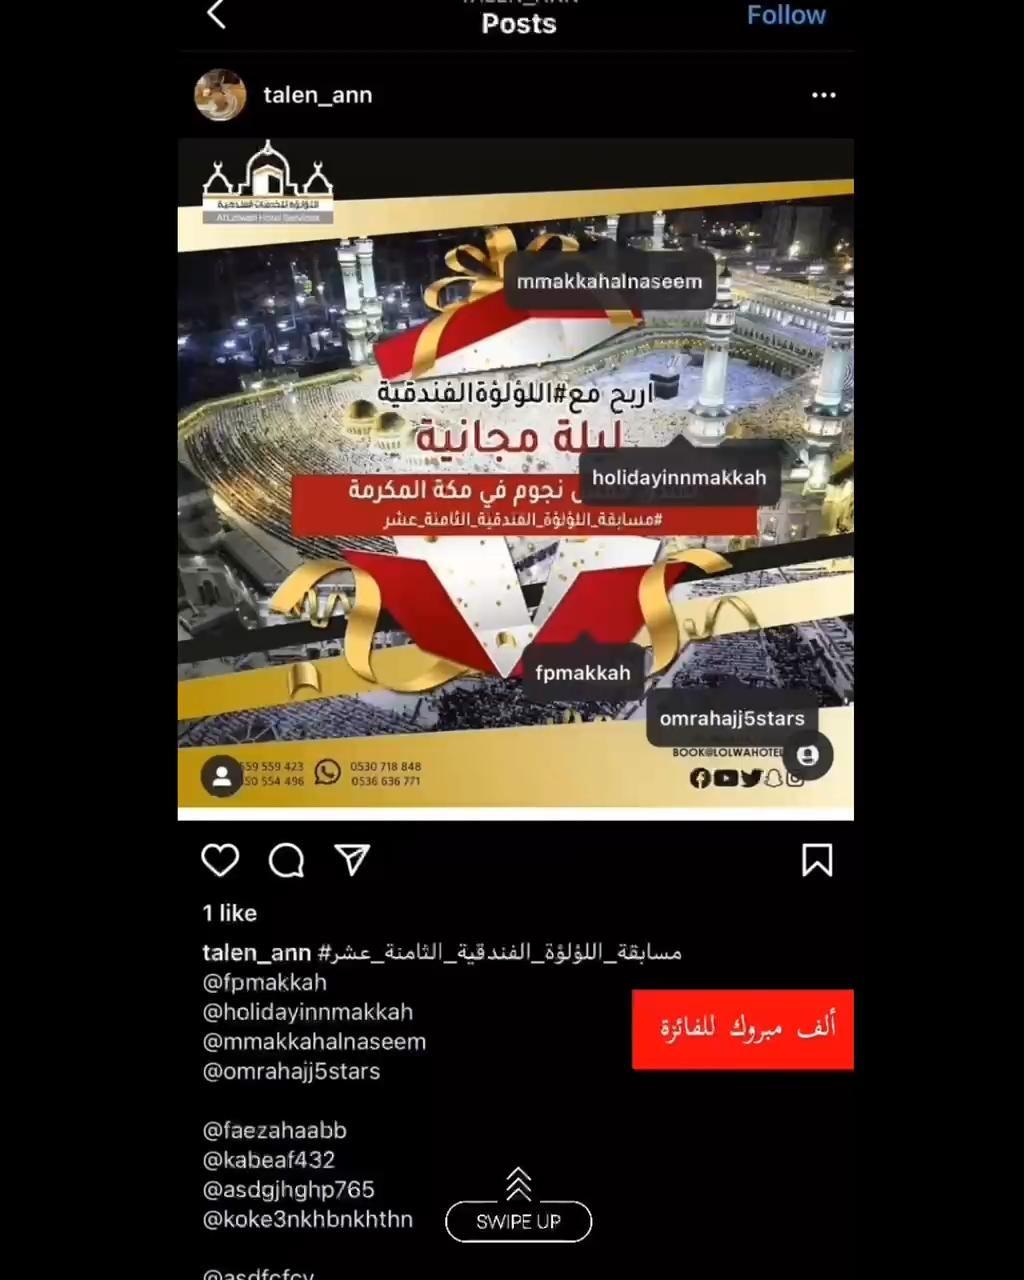 مبروك للفائزين الأربعة بالسحب الثاني في مسابقة اللؤلؤة الفندقية الثامنة عشر لعام ١٤٤٢هـ Video In 2021 Pandora Screenshot Screenshots